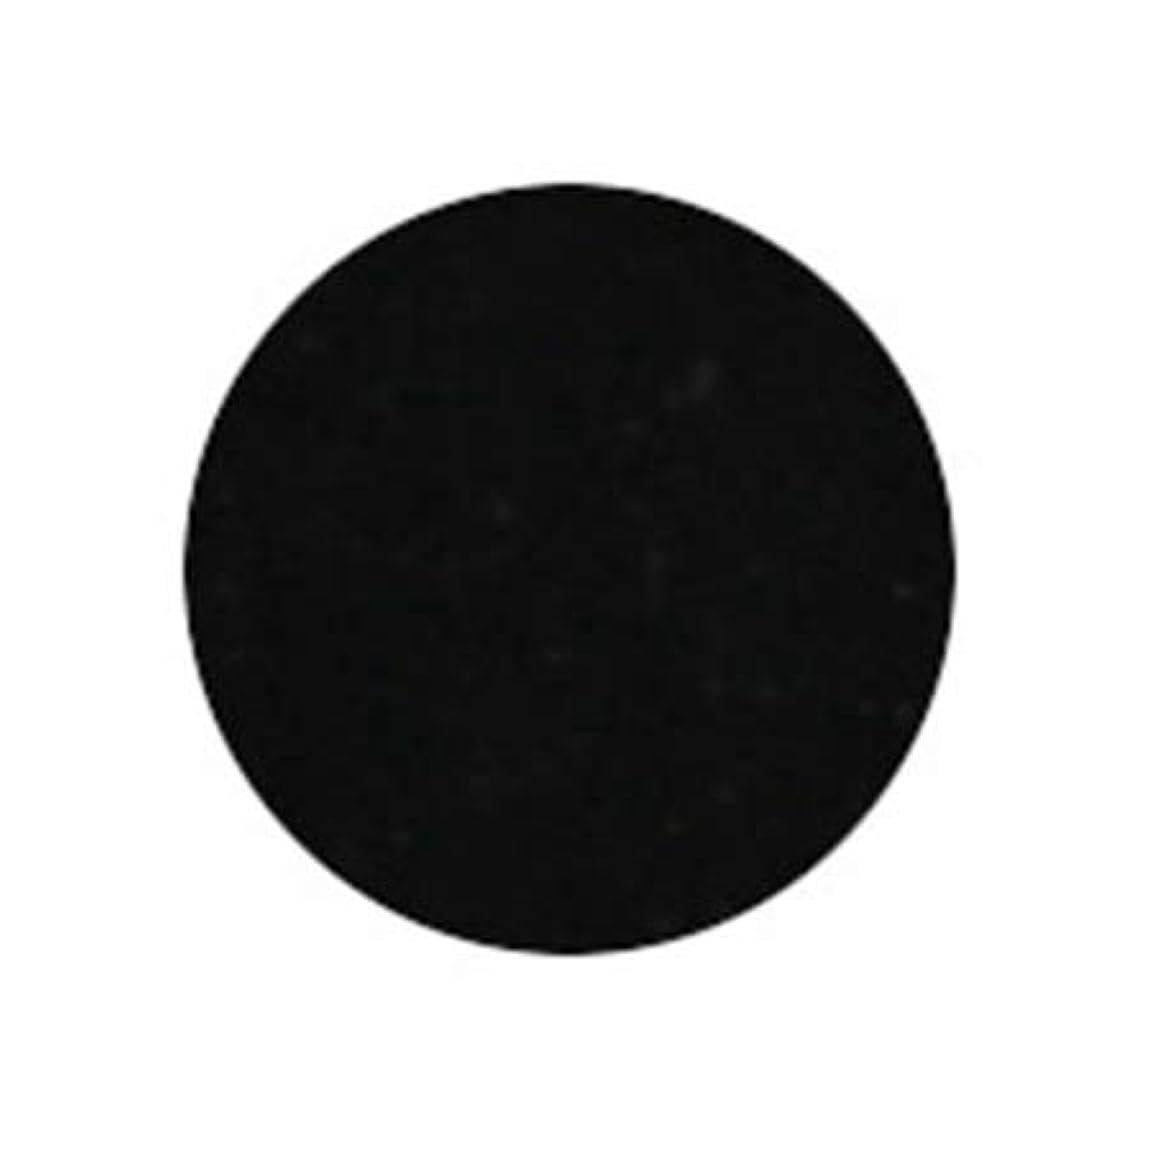 同化より平らな非常にPutiel プティール カラージェル 501 ブラック 4g